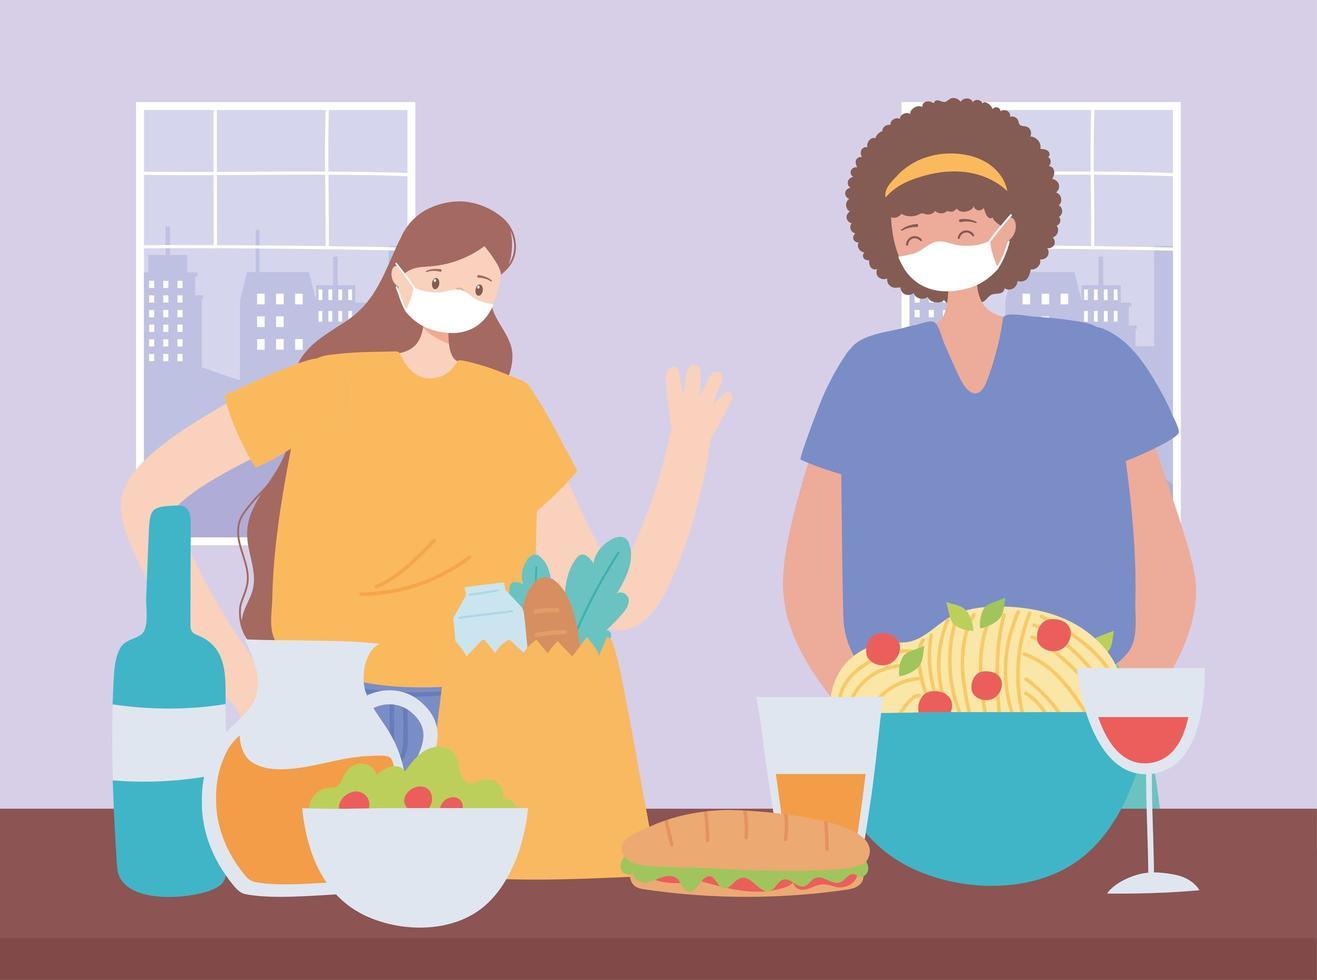 vrouwen die een gezichtsmasker dragen met eten en drinken vector